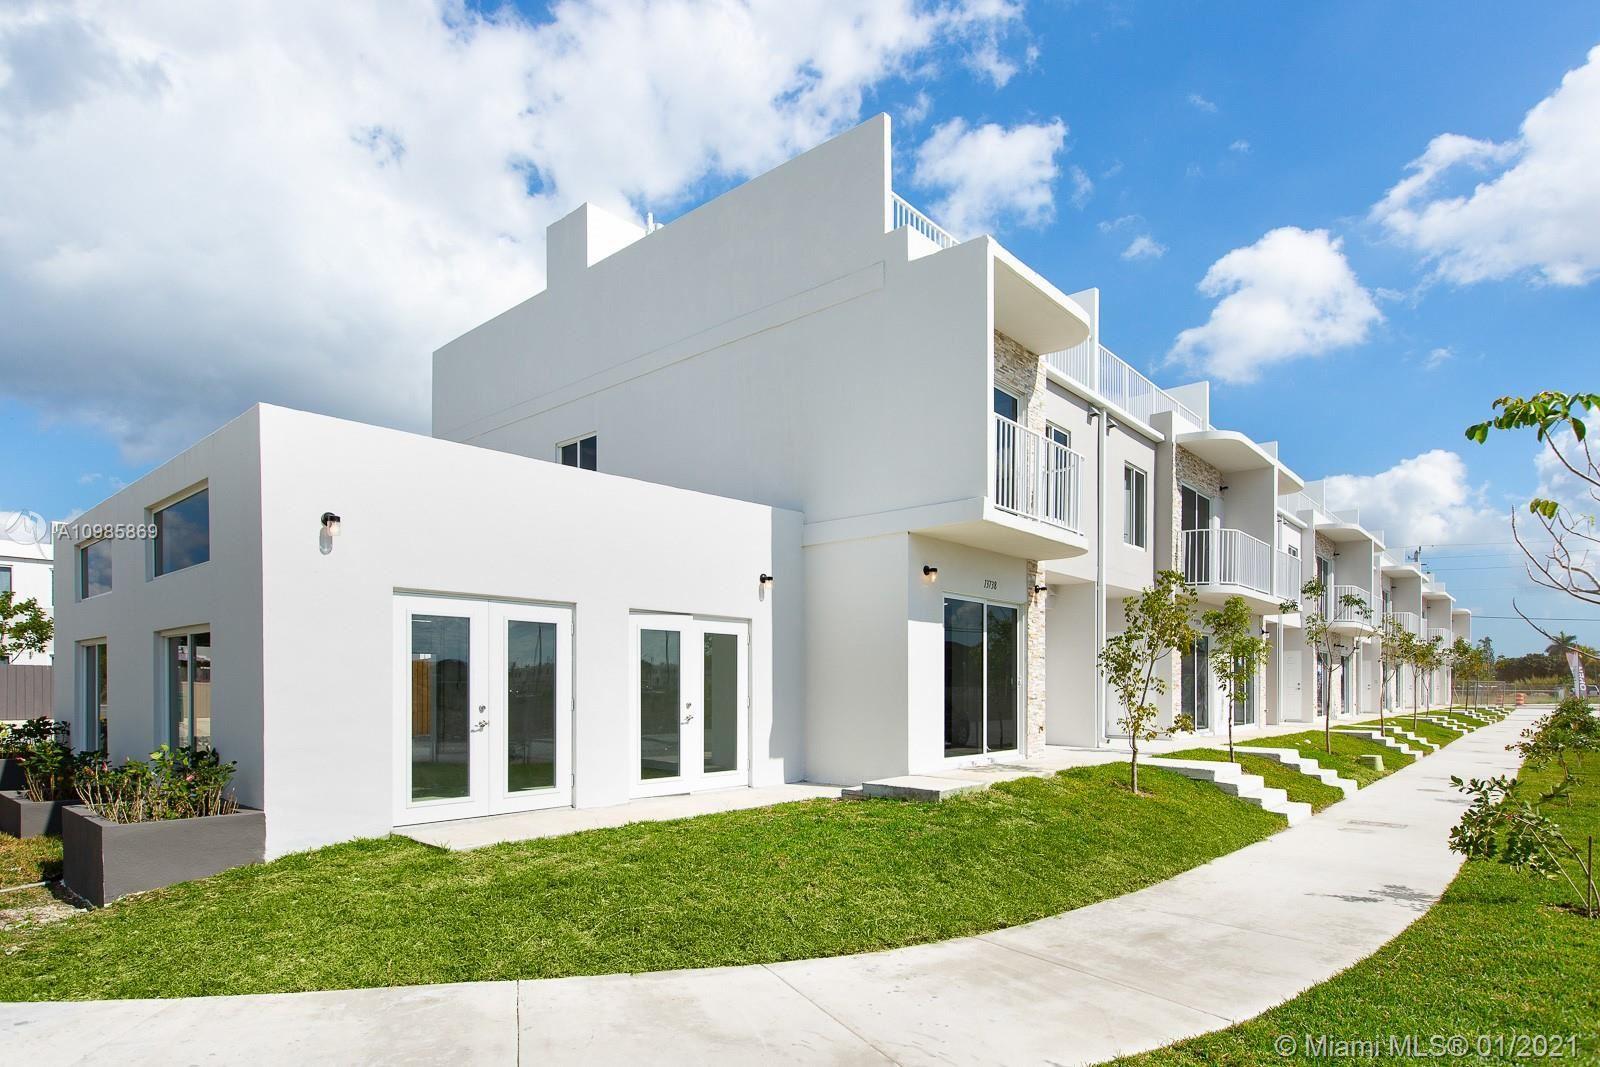 13738 SW 259 LN, Miami, FL 33032 - #: A10985869